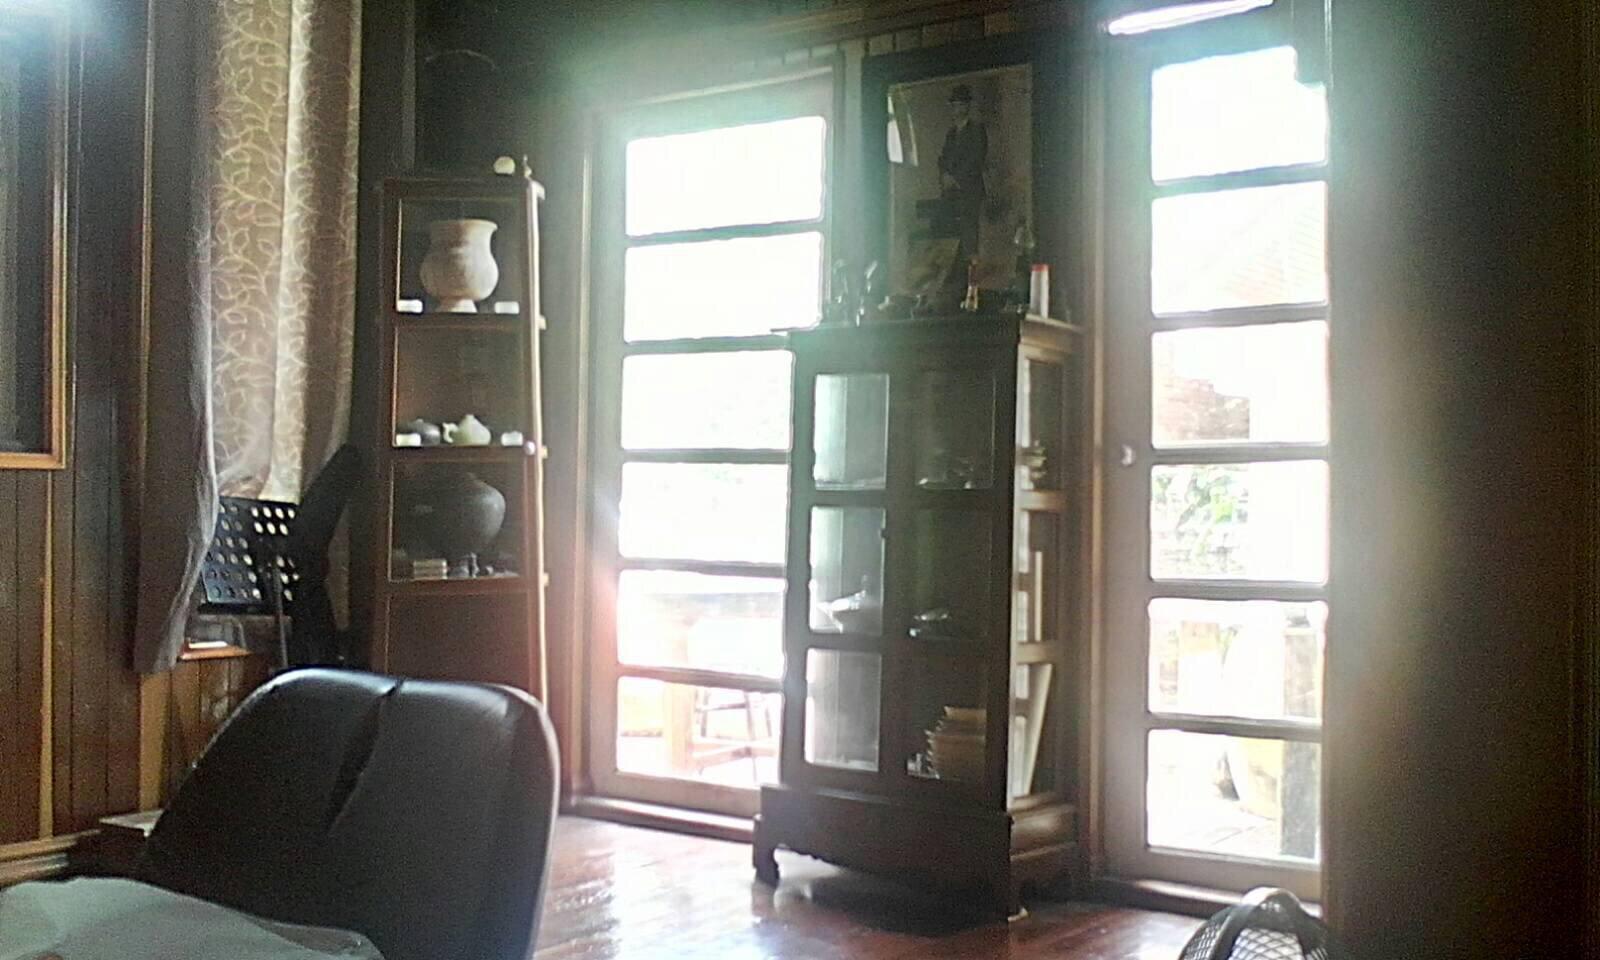 ขายบ้าน 2 หลัง ในที่ดิน 100 ตรว. (ติดตลาดนนทบุรี) 089-844-8404 รูปที่ 4